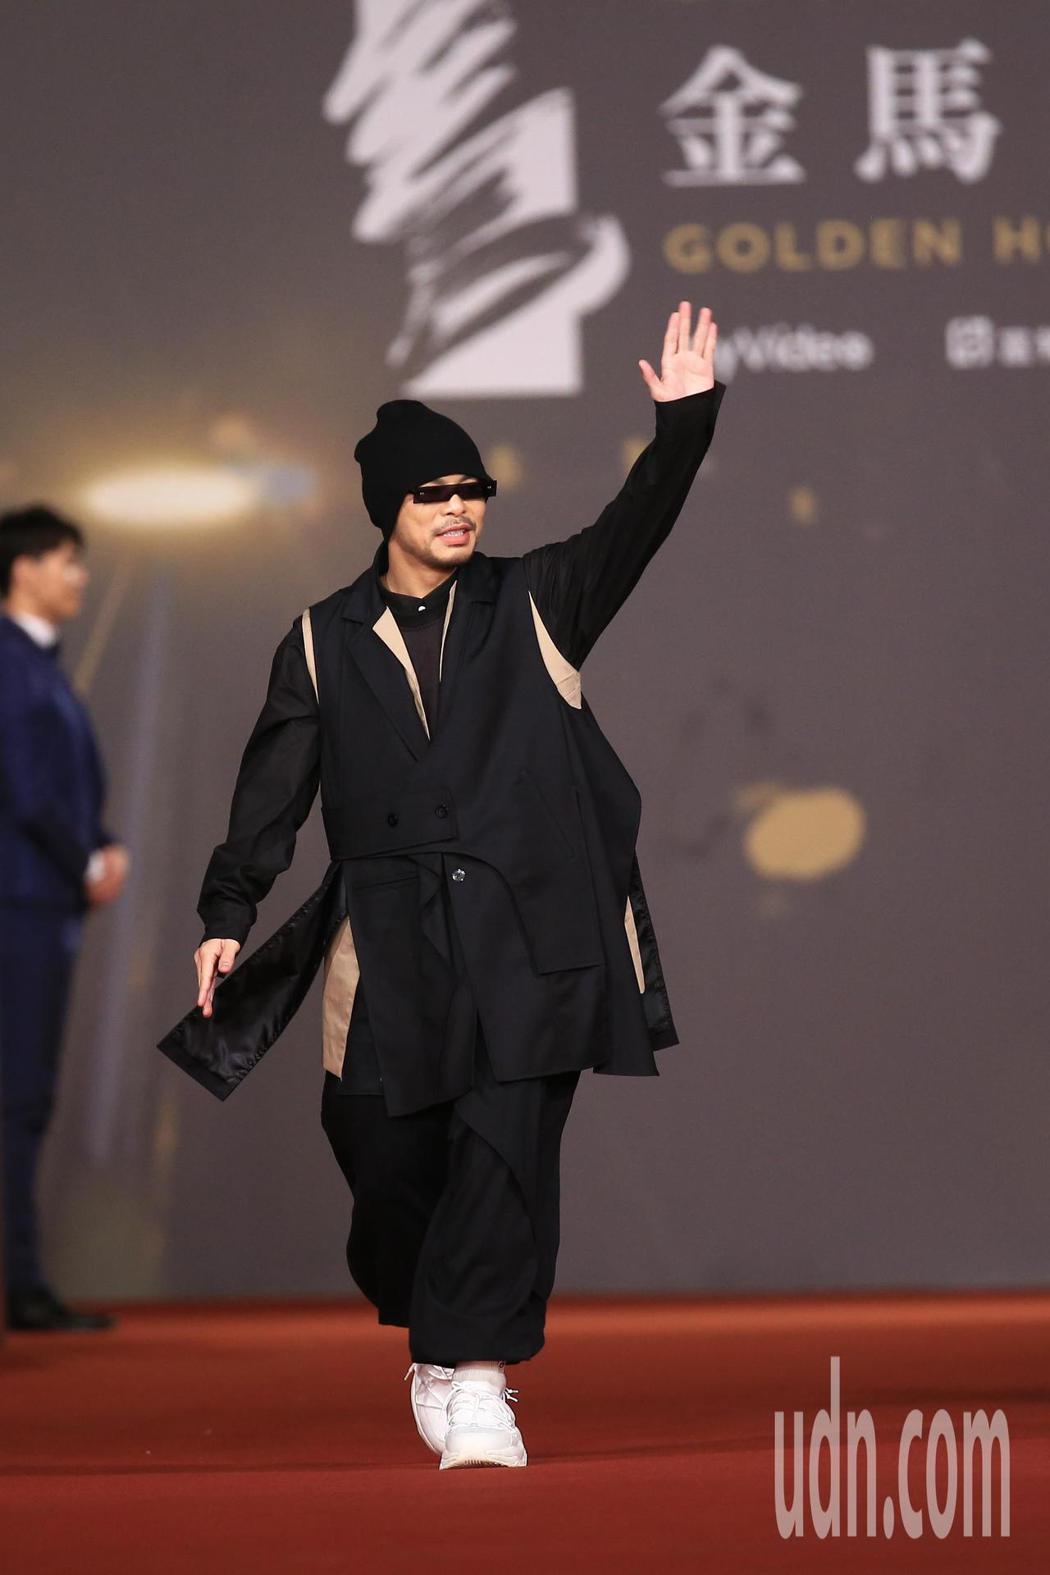 第57屆金馬頒獎典禮,黃明志走星光大道。記者林伯東/攝影